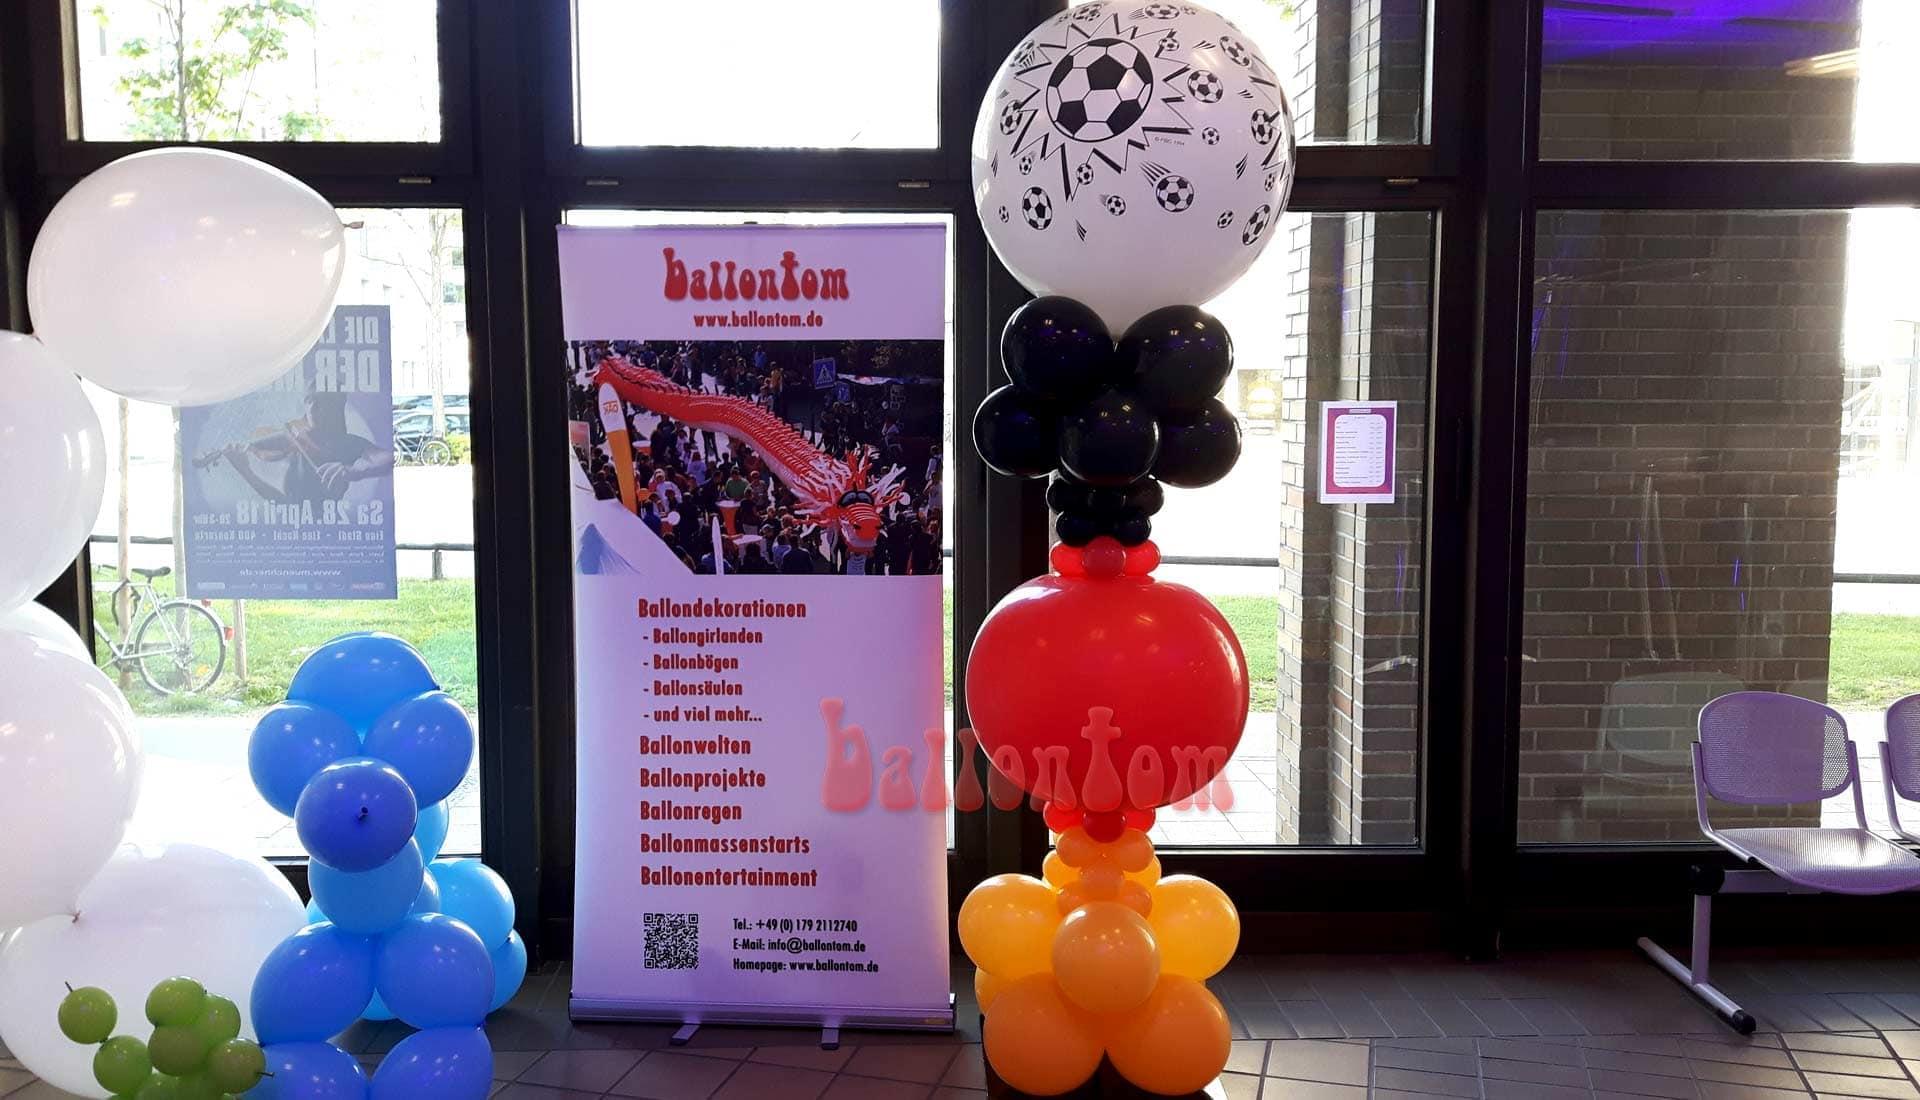 Ballonsäule für Fußballfans in München